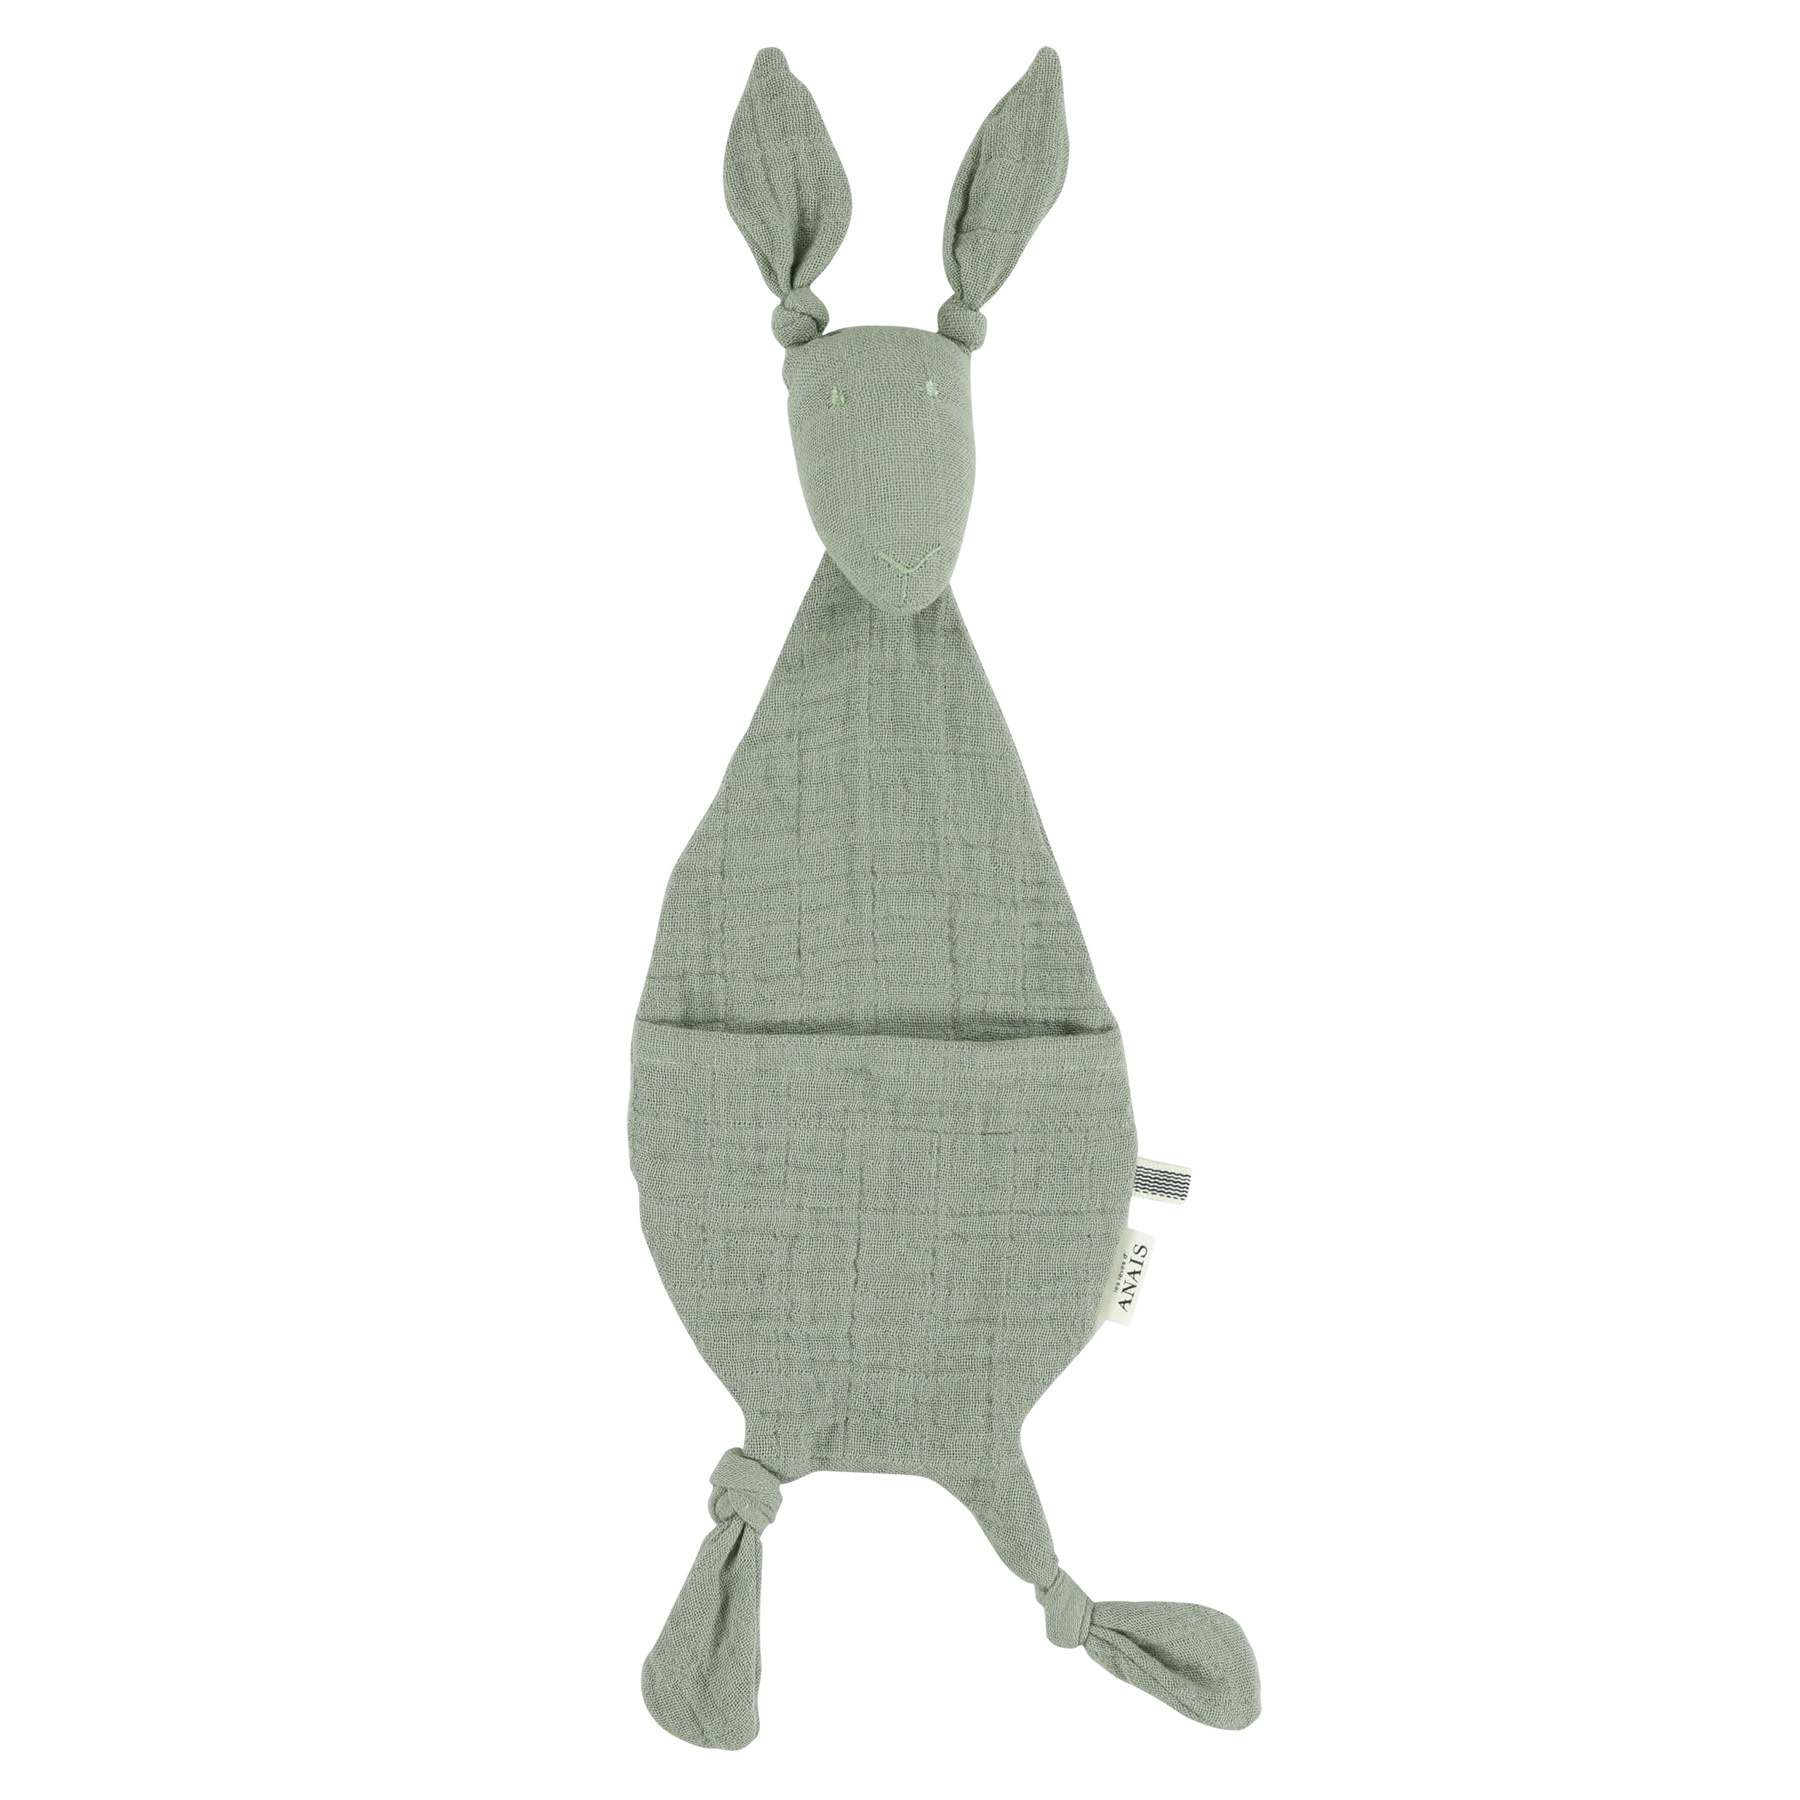 Fopspeendoekje kangoeroe bliss olive-1